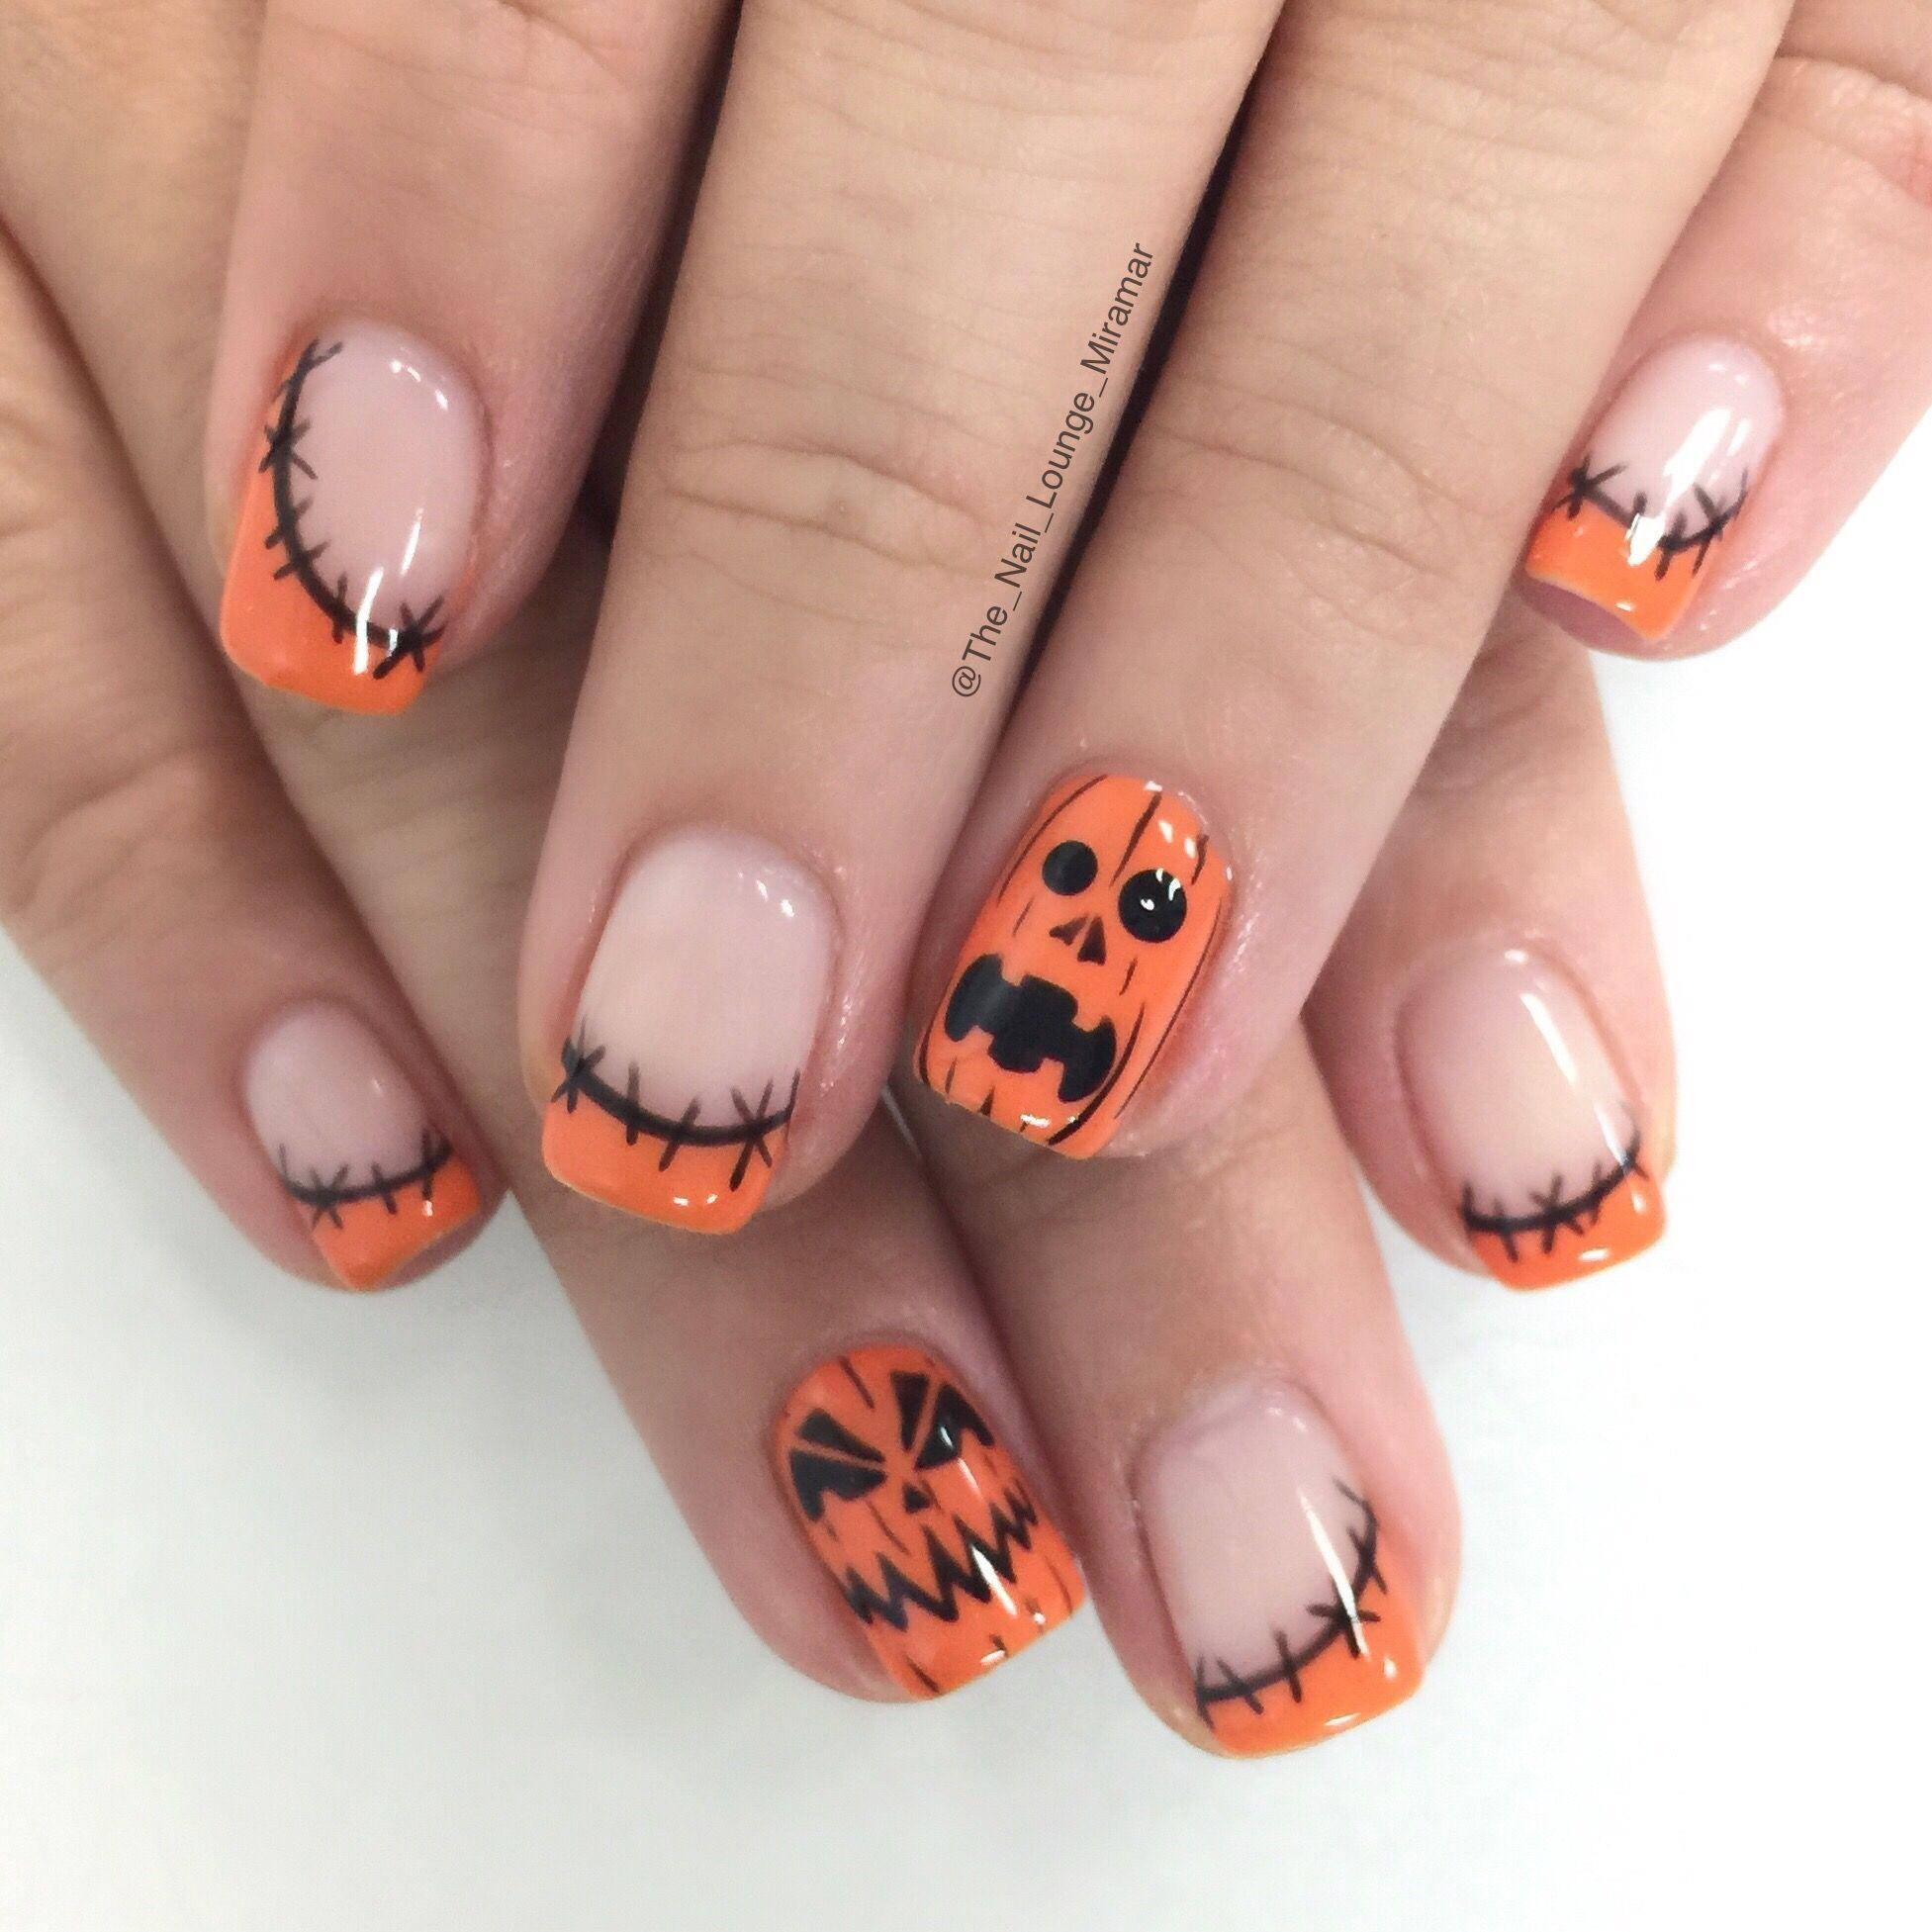 Halloween pumpkin nail art design | Nail Art | Pinterest | Pumpkin ...